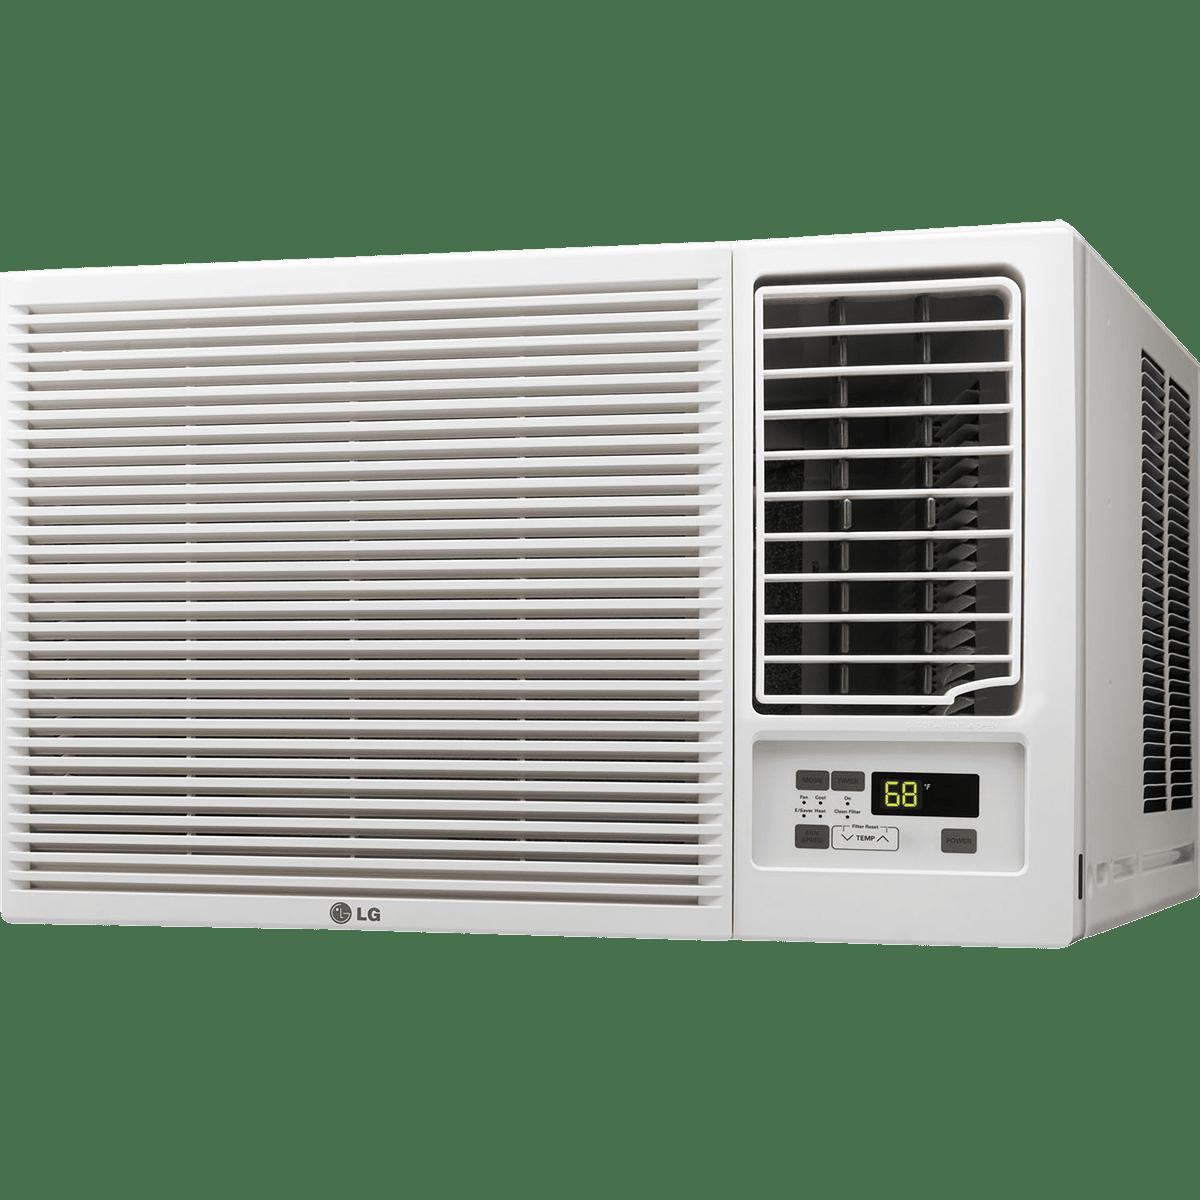 LG LW1816HR 18,000 BTU Window AC w| Heating and Cooling